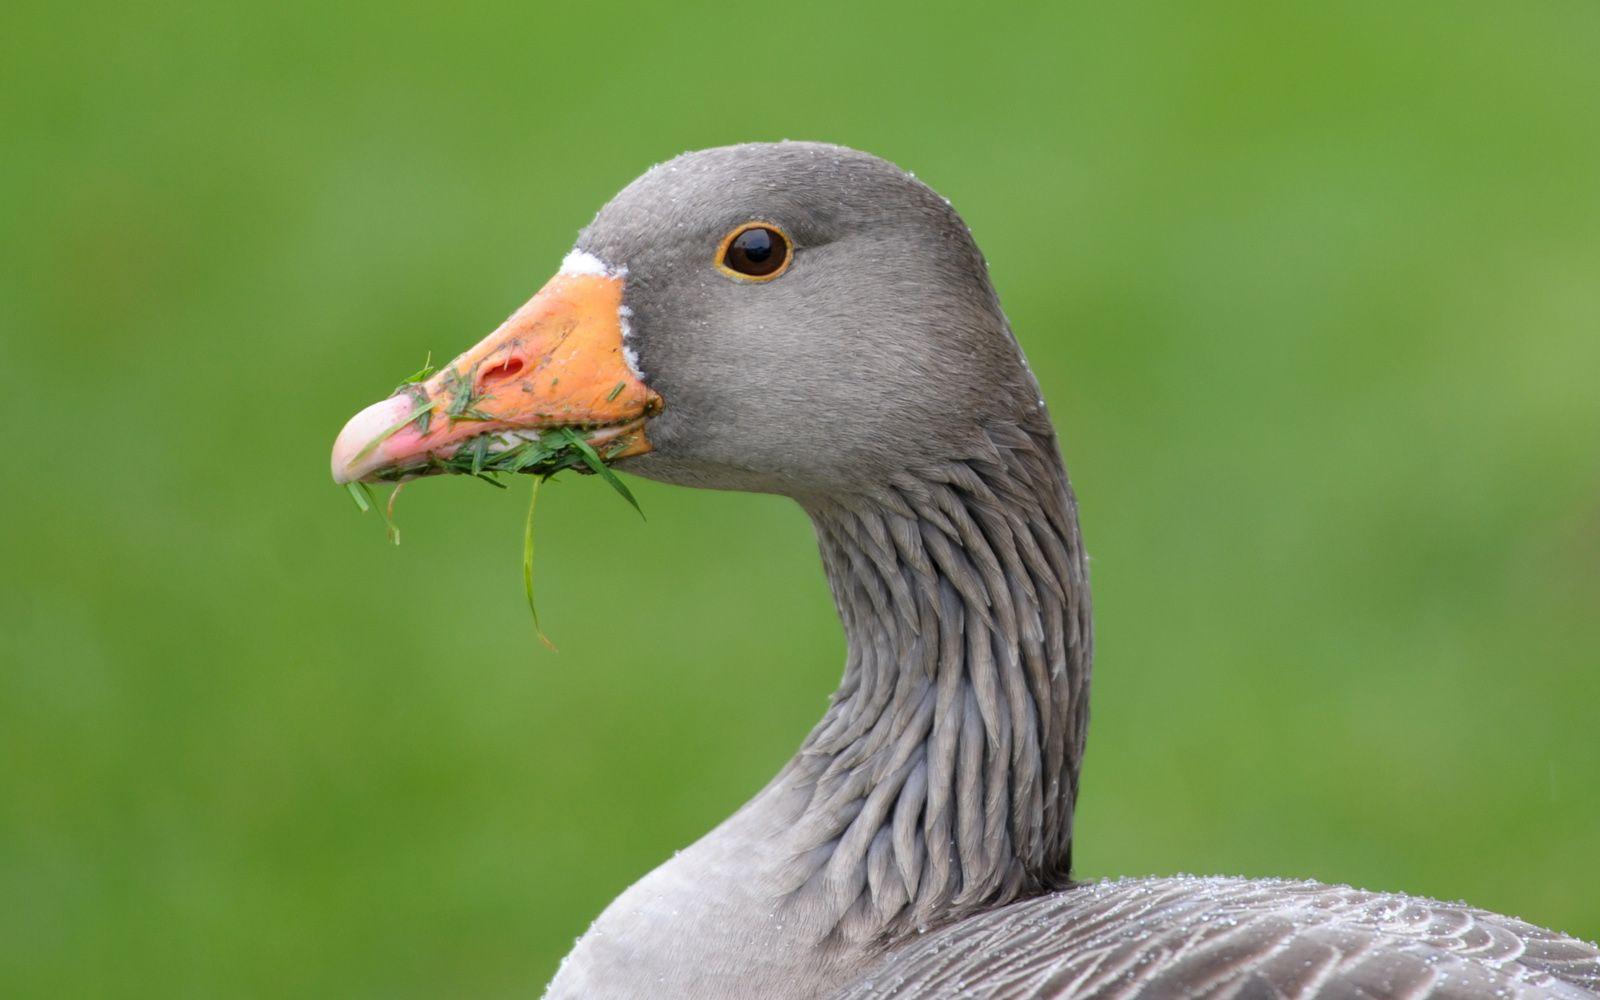 El ganso gris. Vida animal